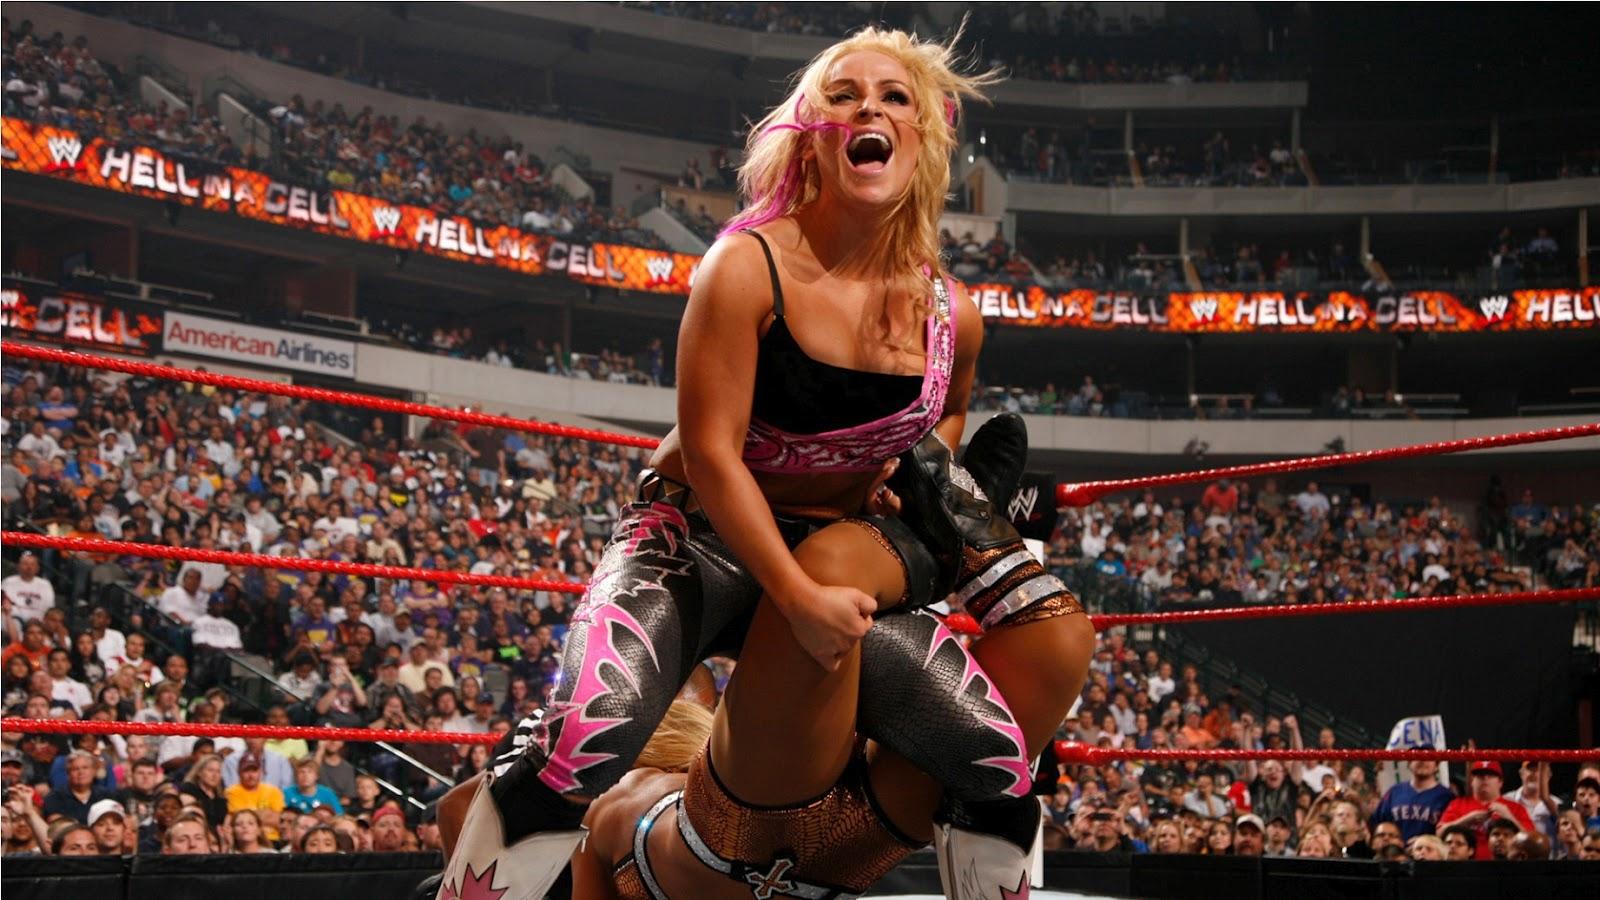 Wwe Divas Superstars Hd Hot Wallpapers 2012-13  All -8243